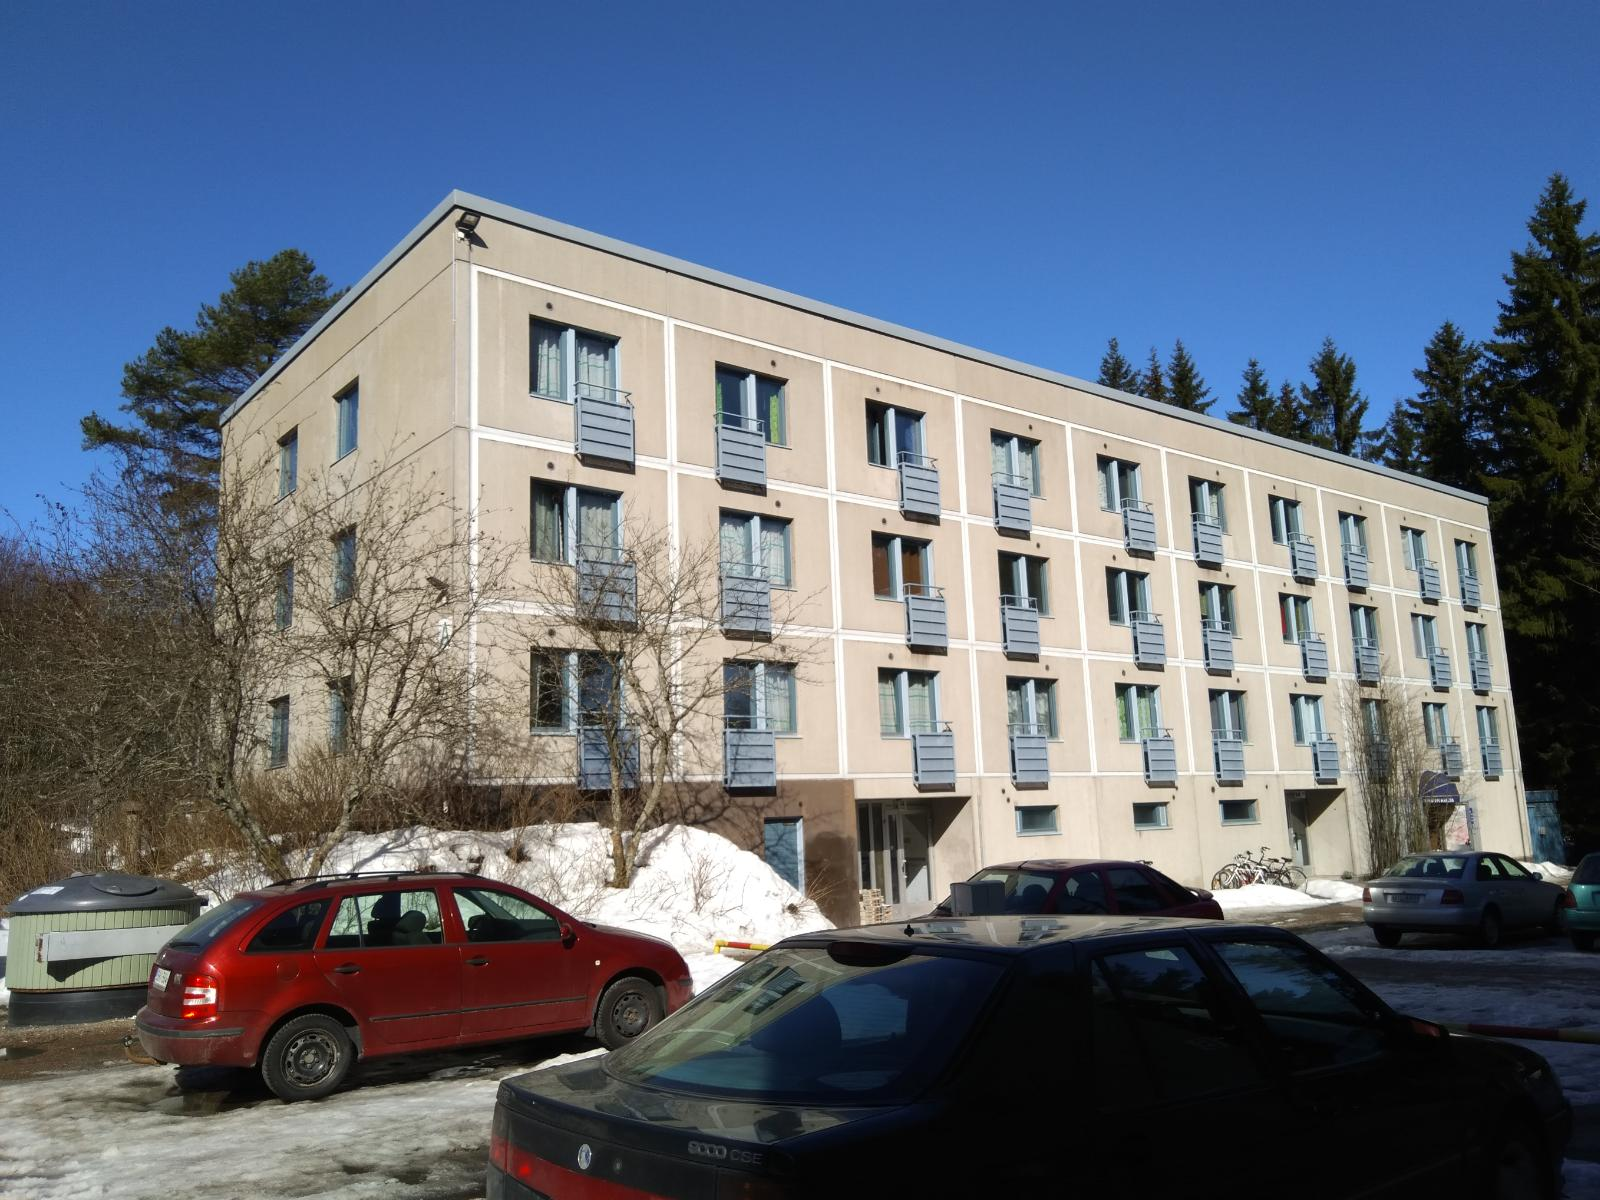 Keltinmäki, Jyväskylä